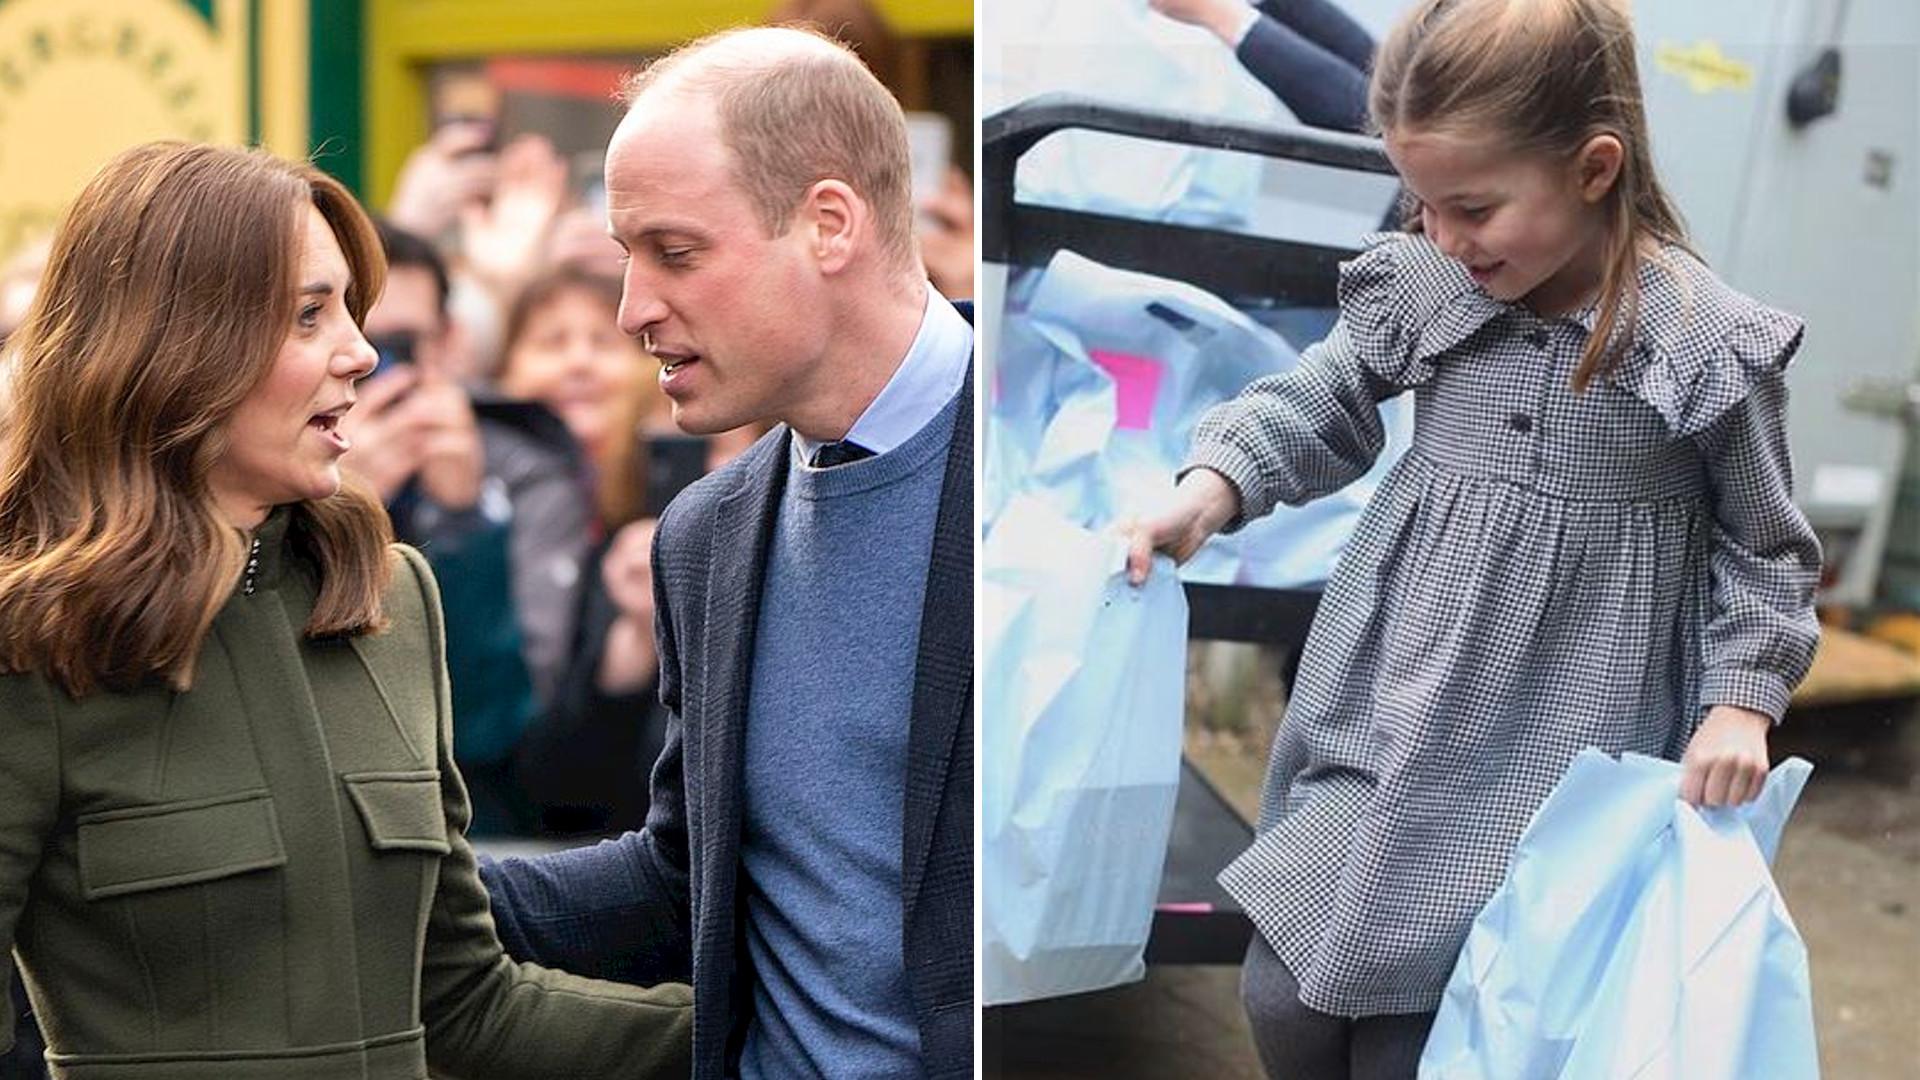 Księżna Kate i książę William oskarżani o narażenie zdrowia księżniczki Charlotte